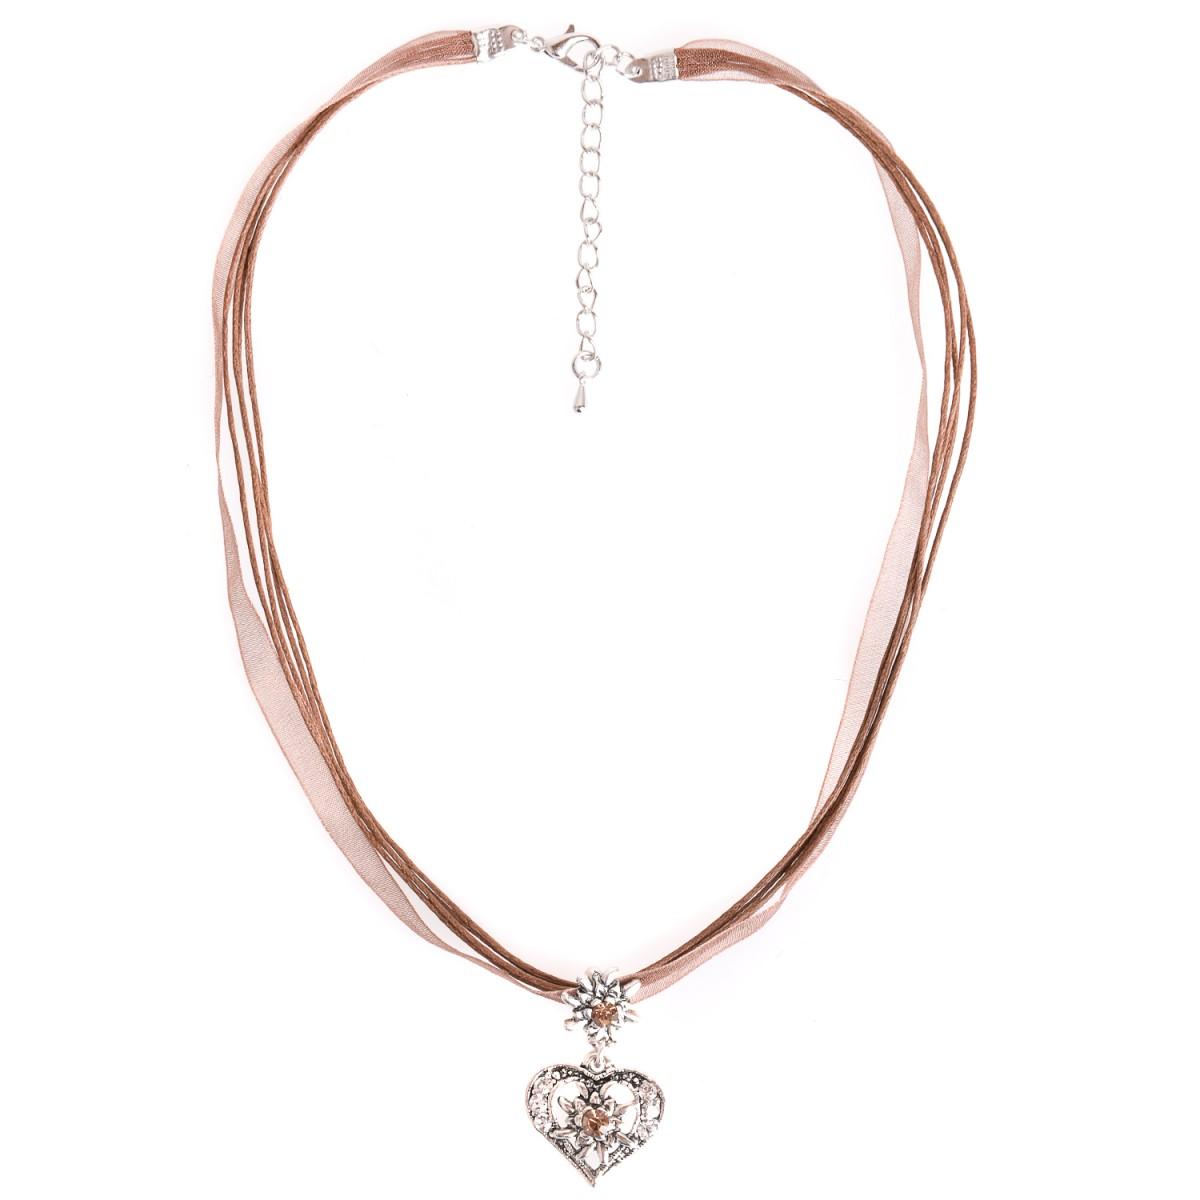 Halskette mit 4 Bändern und Herzanhänger in Braun von Schlick Accessoires günstig online kaufen